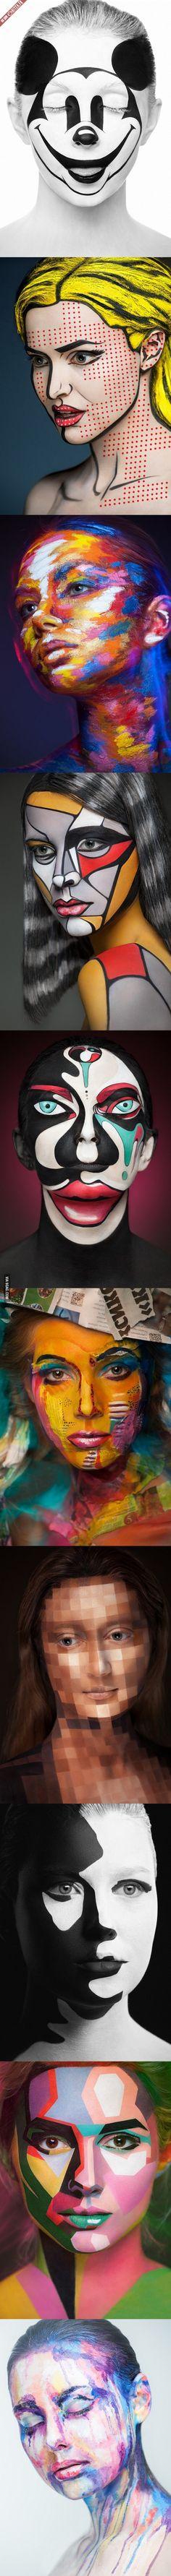 Incroyables trompes l'oeil de portraits grâce au maquillage                                                                                                                                                                                 Plus